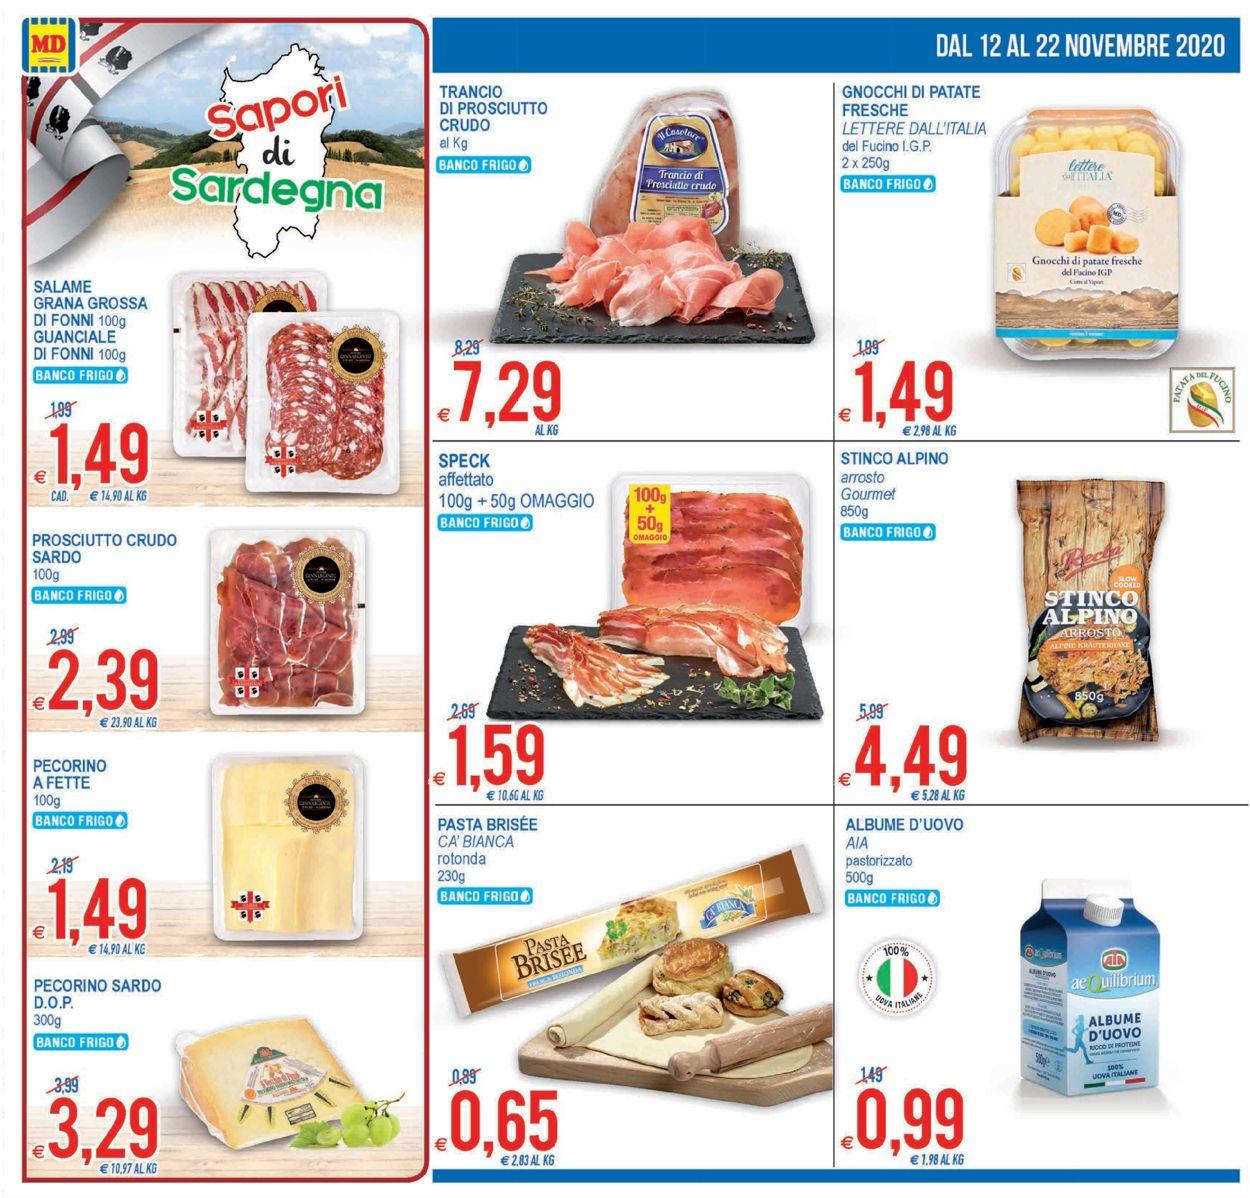 Volantino MD Discount - Offerte 12/11-22/11/2020 (Pagina 10)